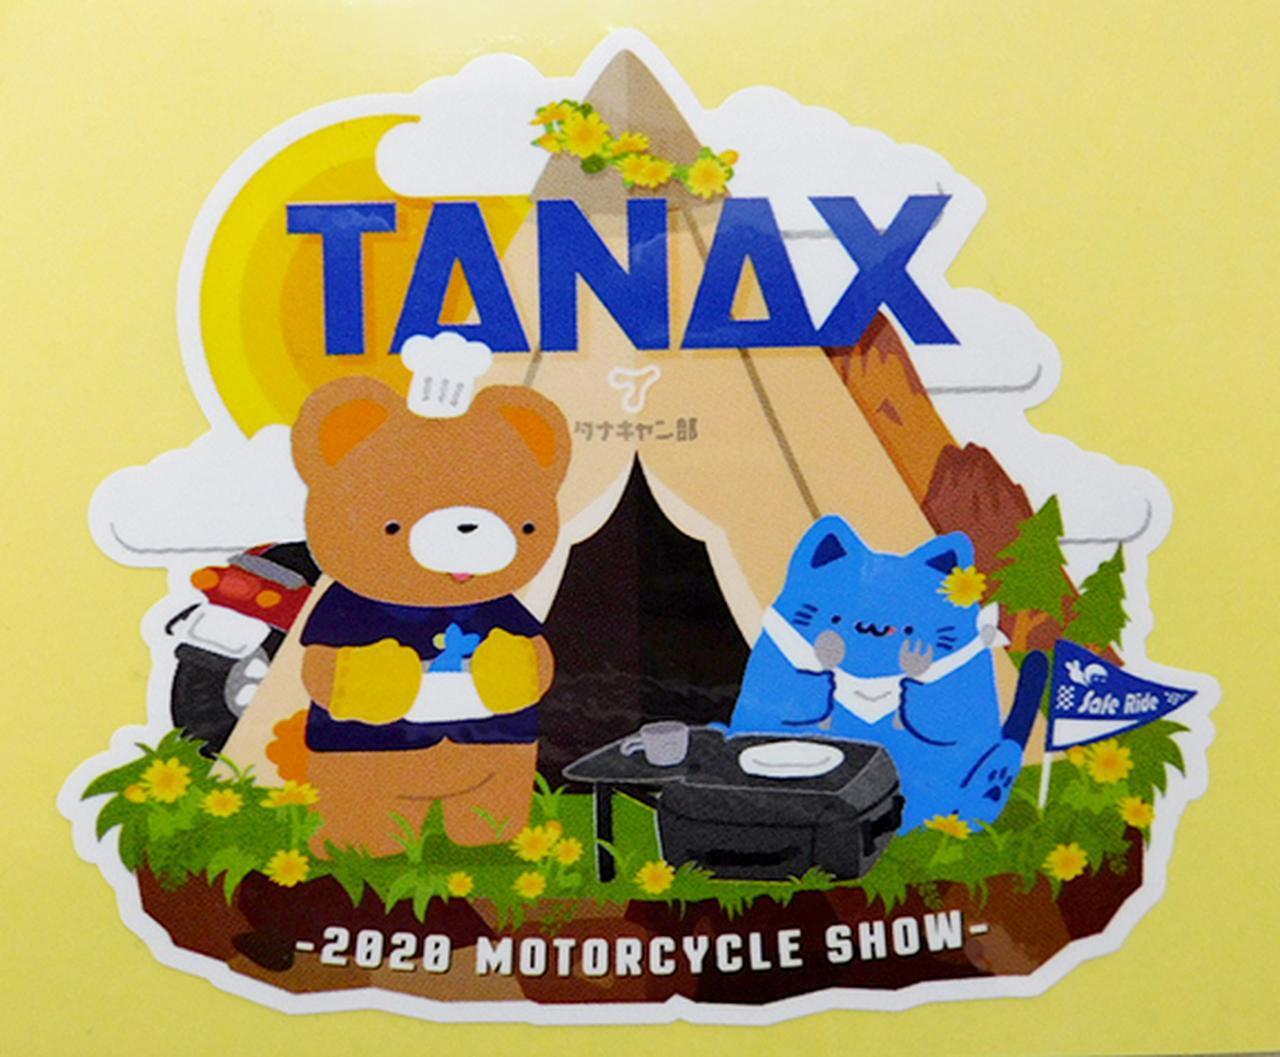 画像4: 中には1円のモノも!? タナックスがモーターサイクルショーで販売予定だったグッズを3月23日に公式サイトで発売